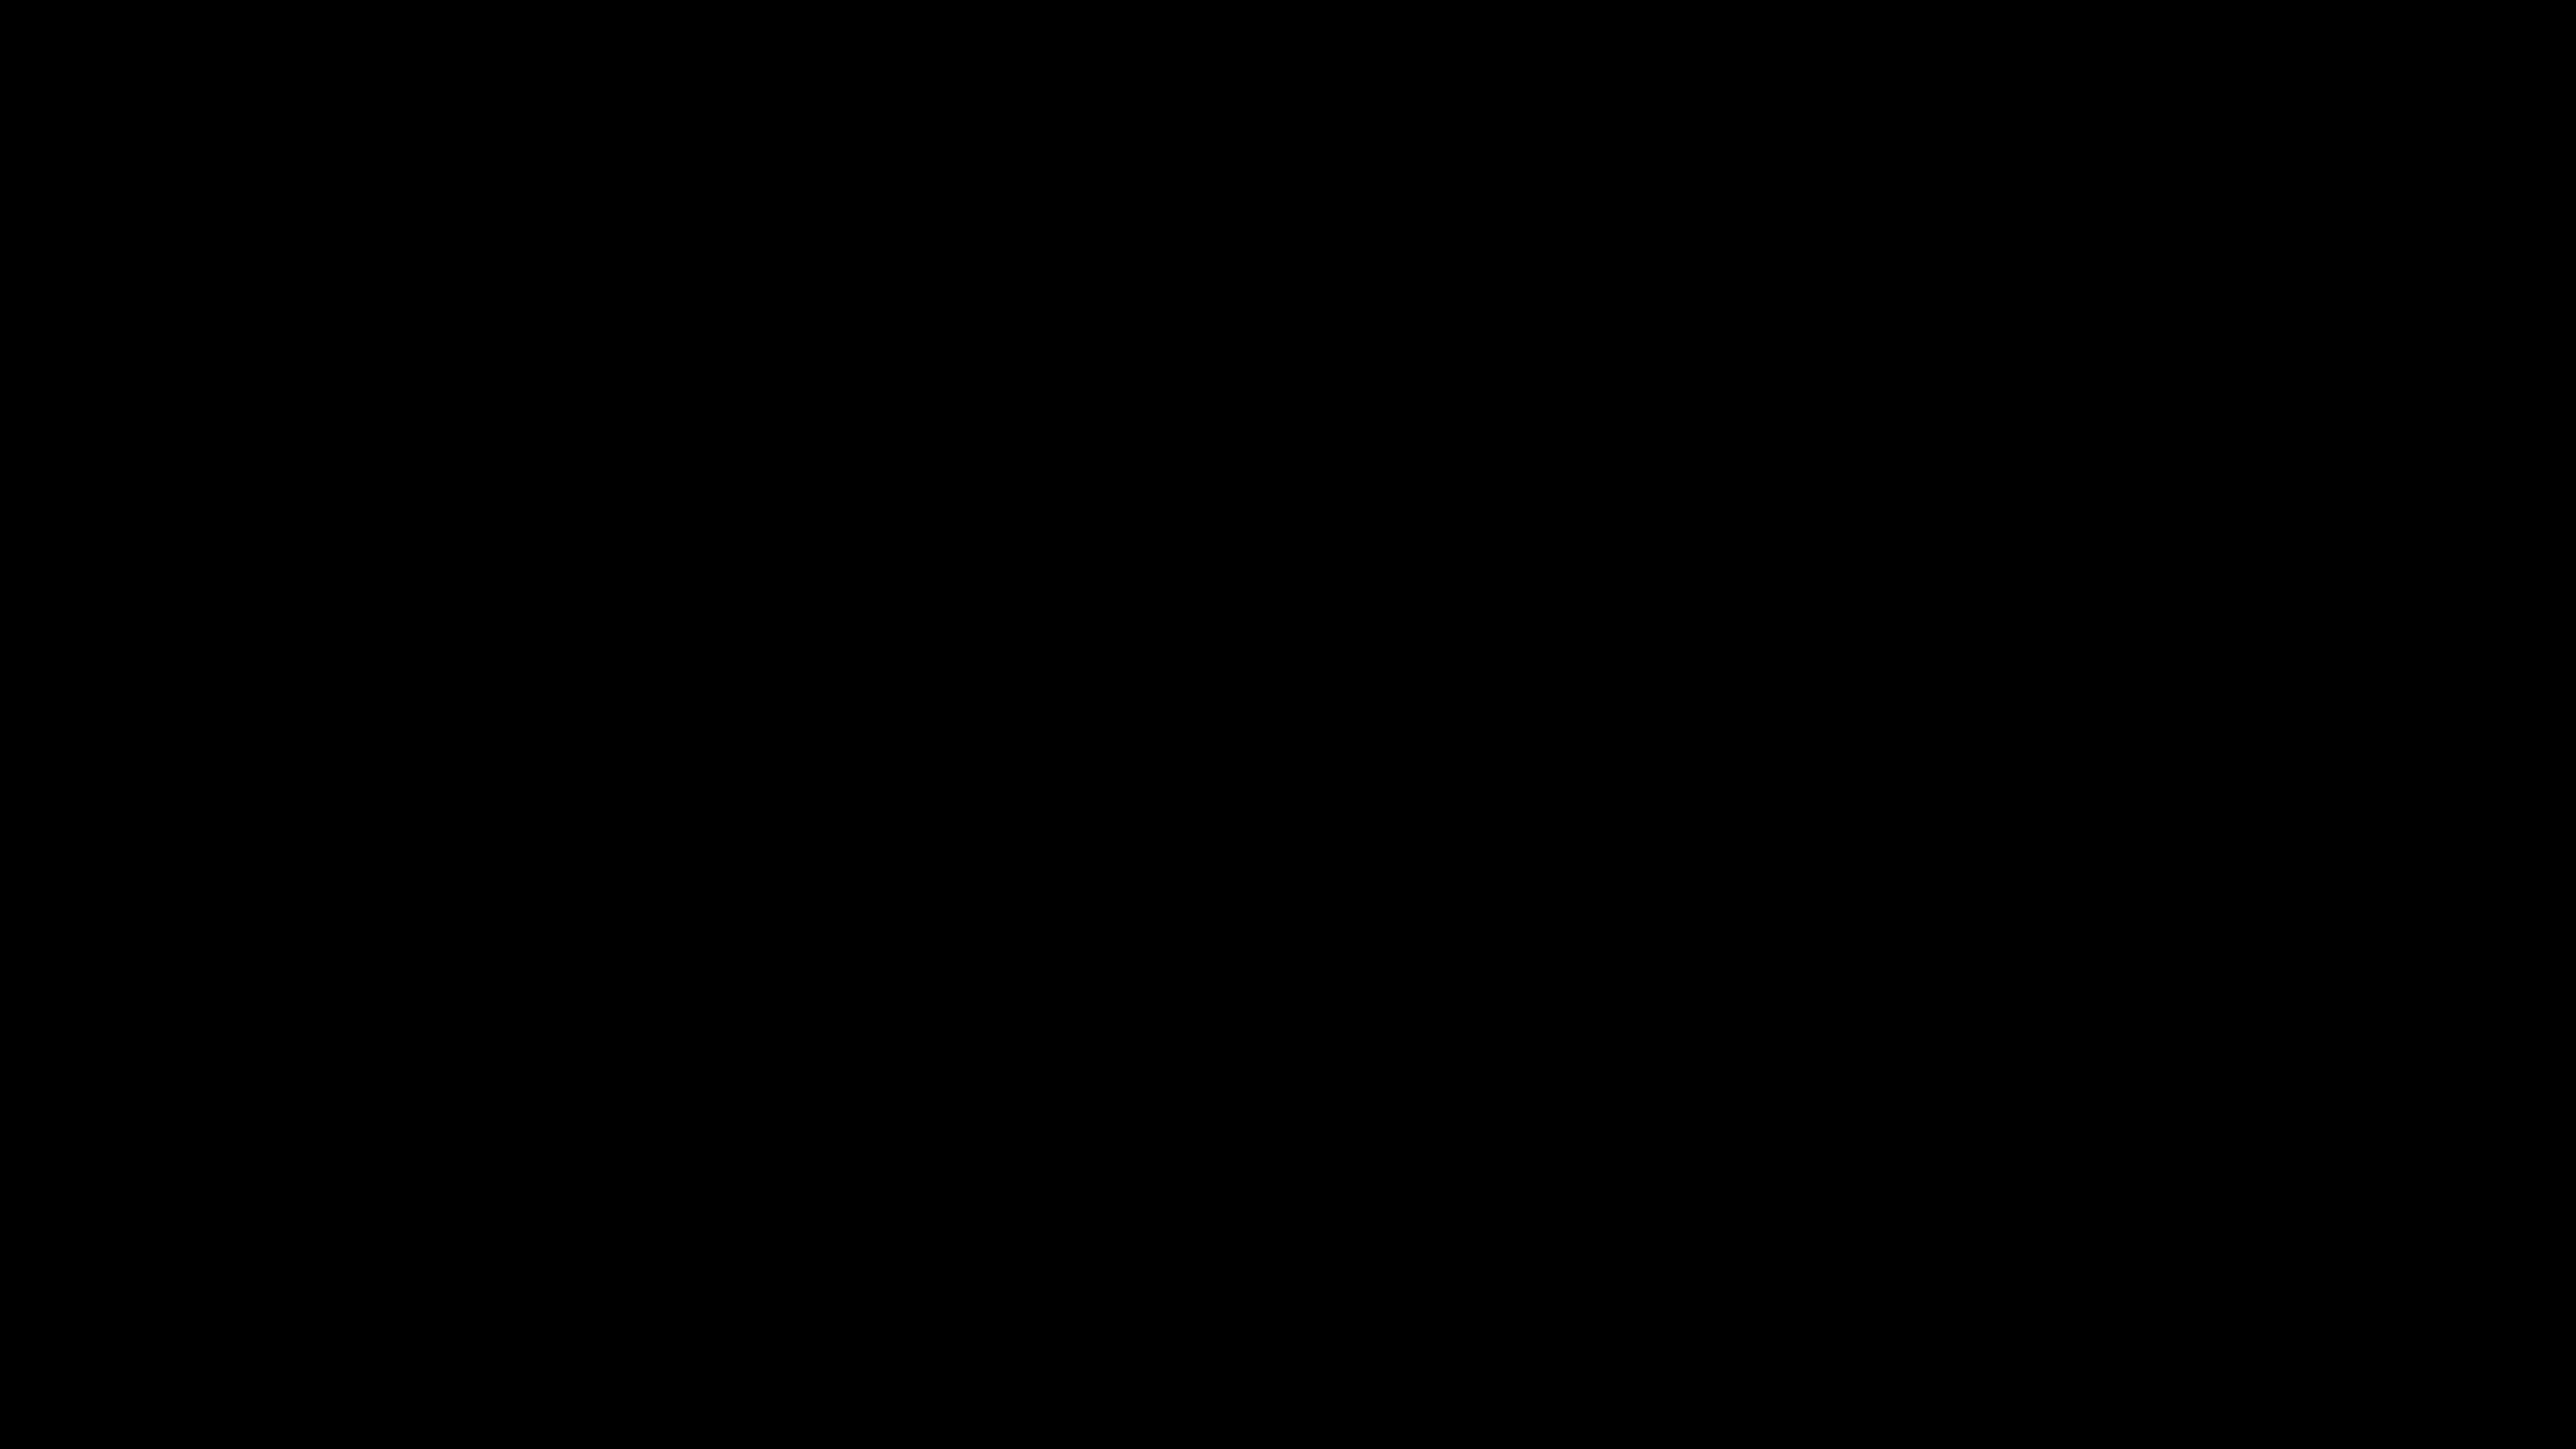 sgj-01